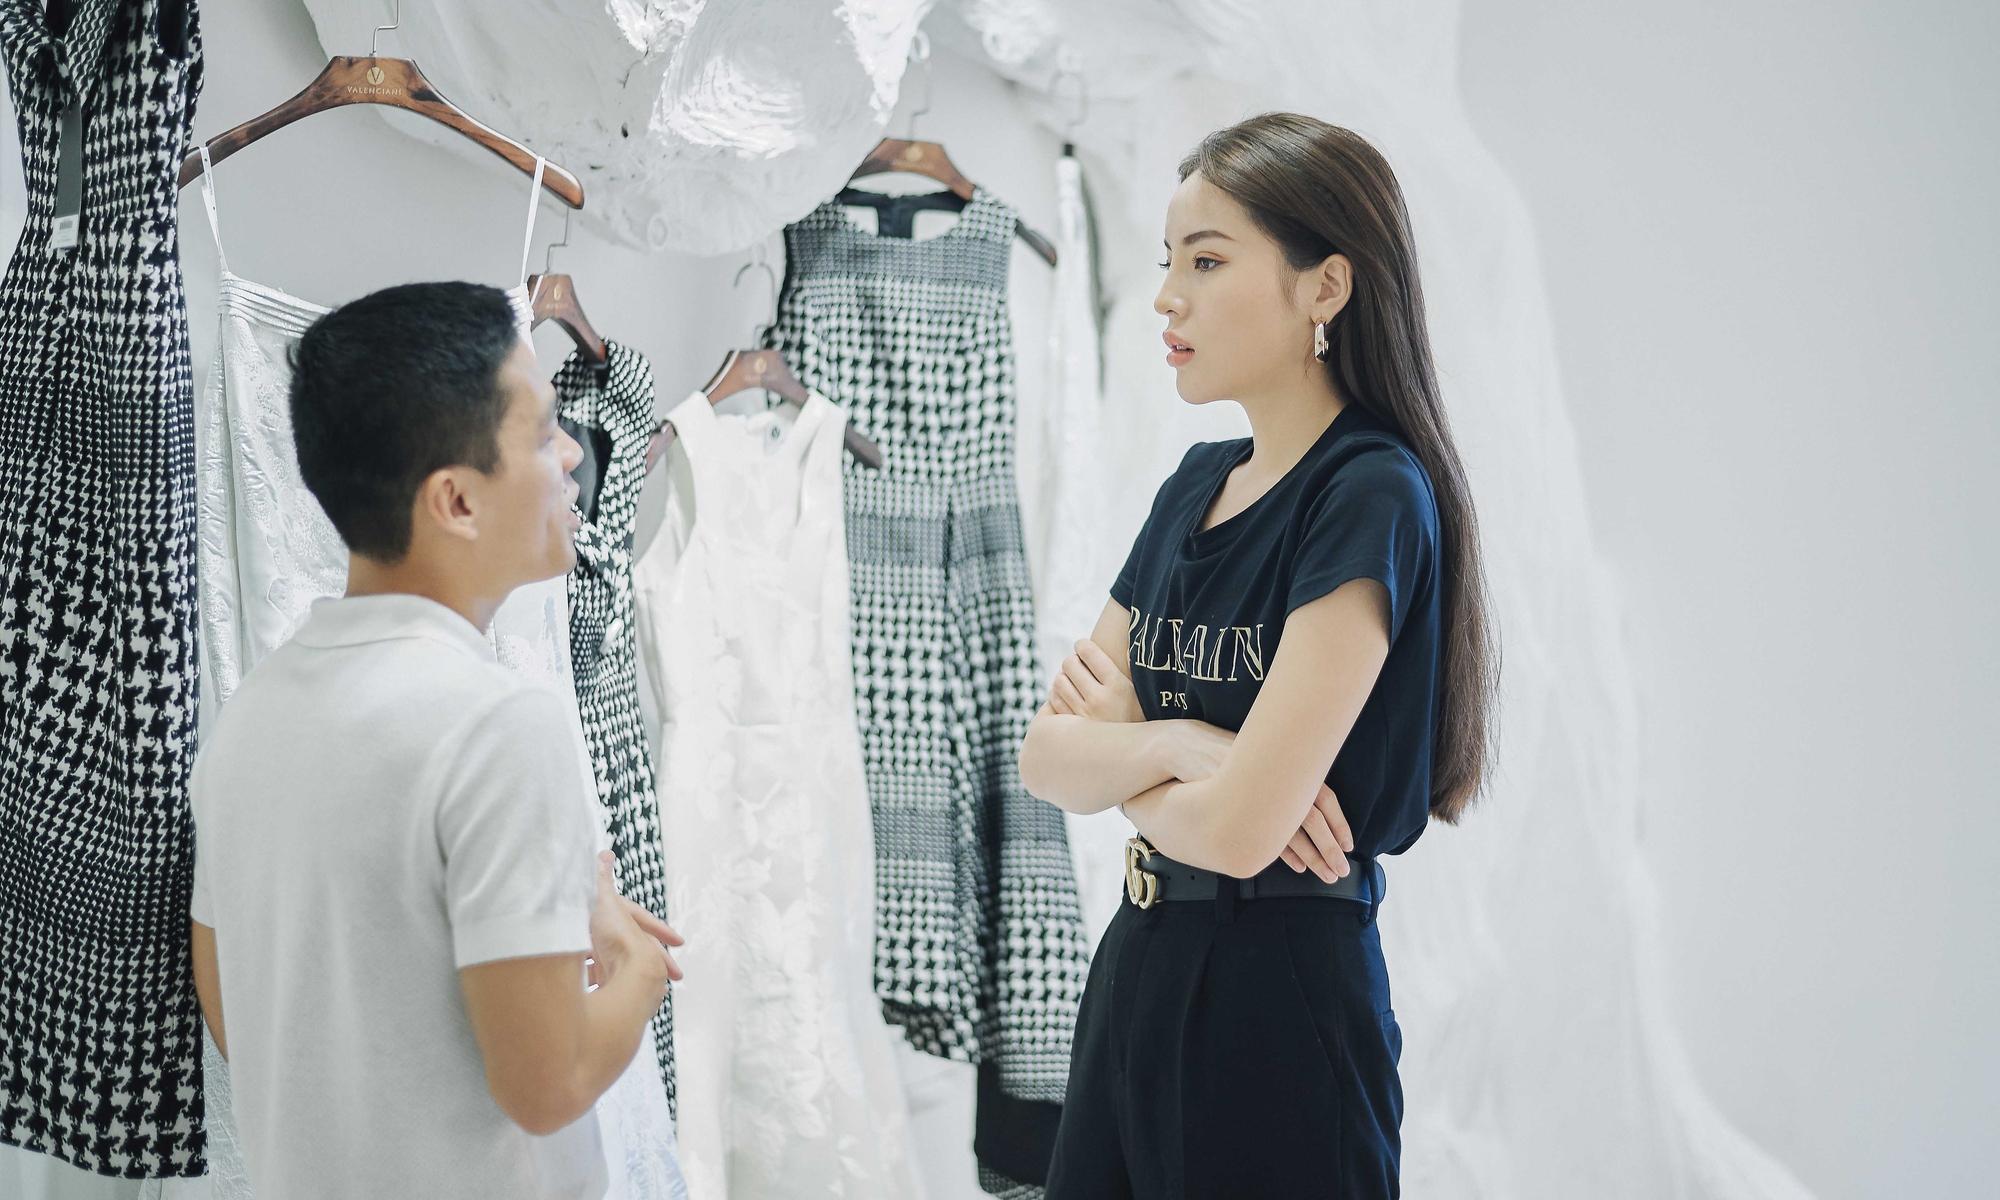 Kỳ Duyên ngày một ra dáng fashion icon, đọ sắc với Phạm Hương trong buổi thử đồ của NTK Adrian Anh Tuấn - Ảnh 6.